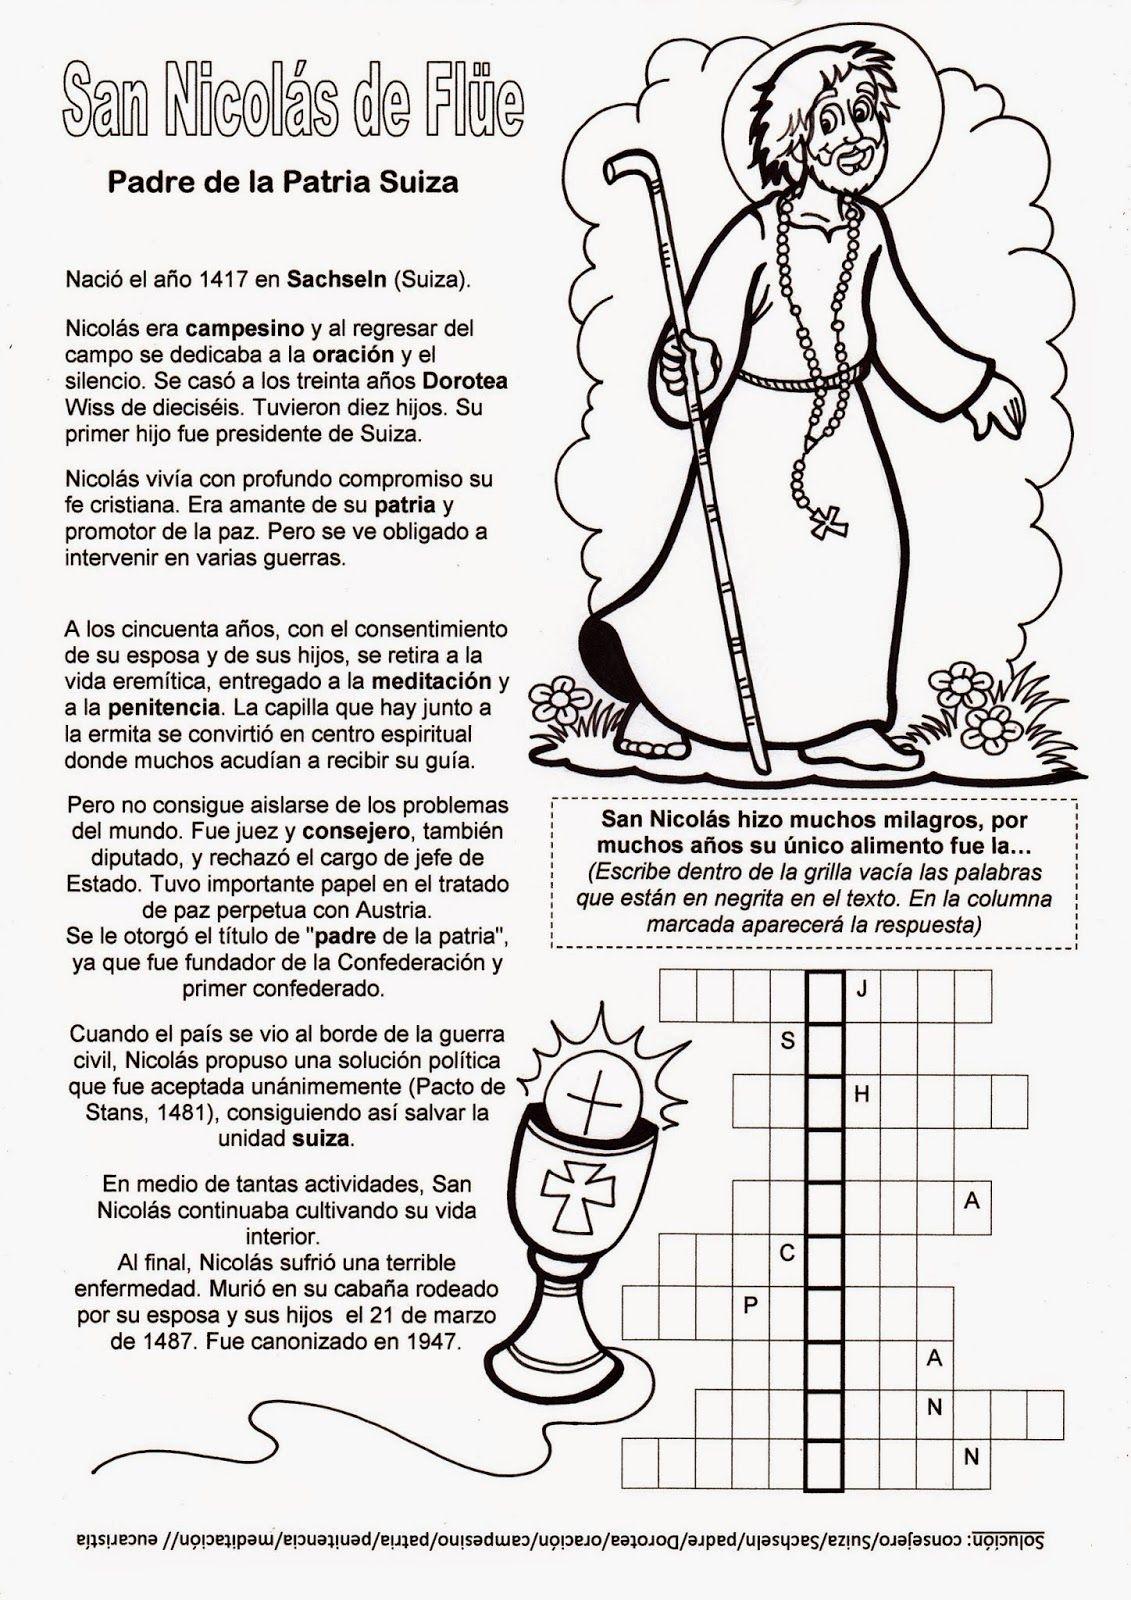 El Rincón de las Melli: Breve historia de san Nicolás de Flüe, con ...